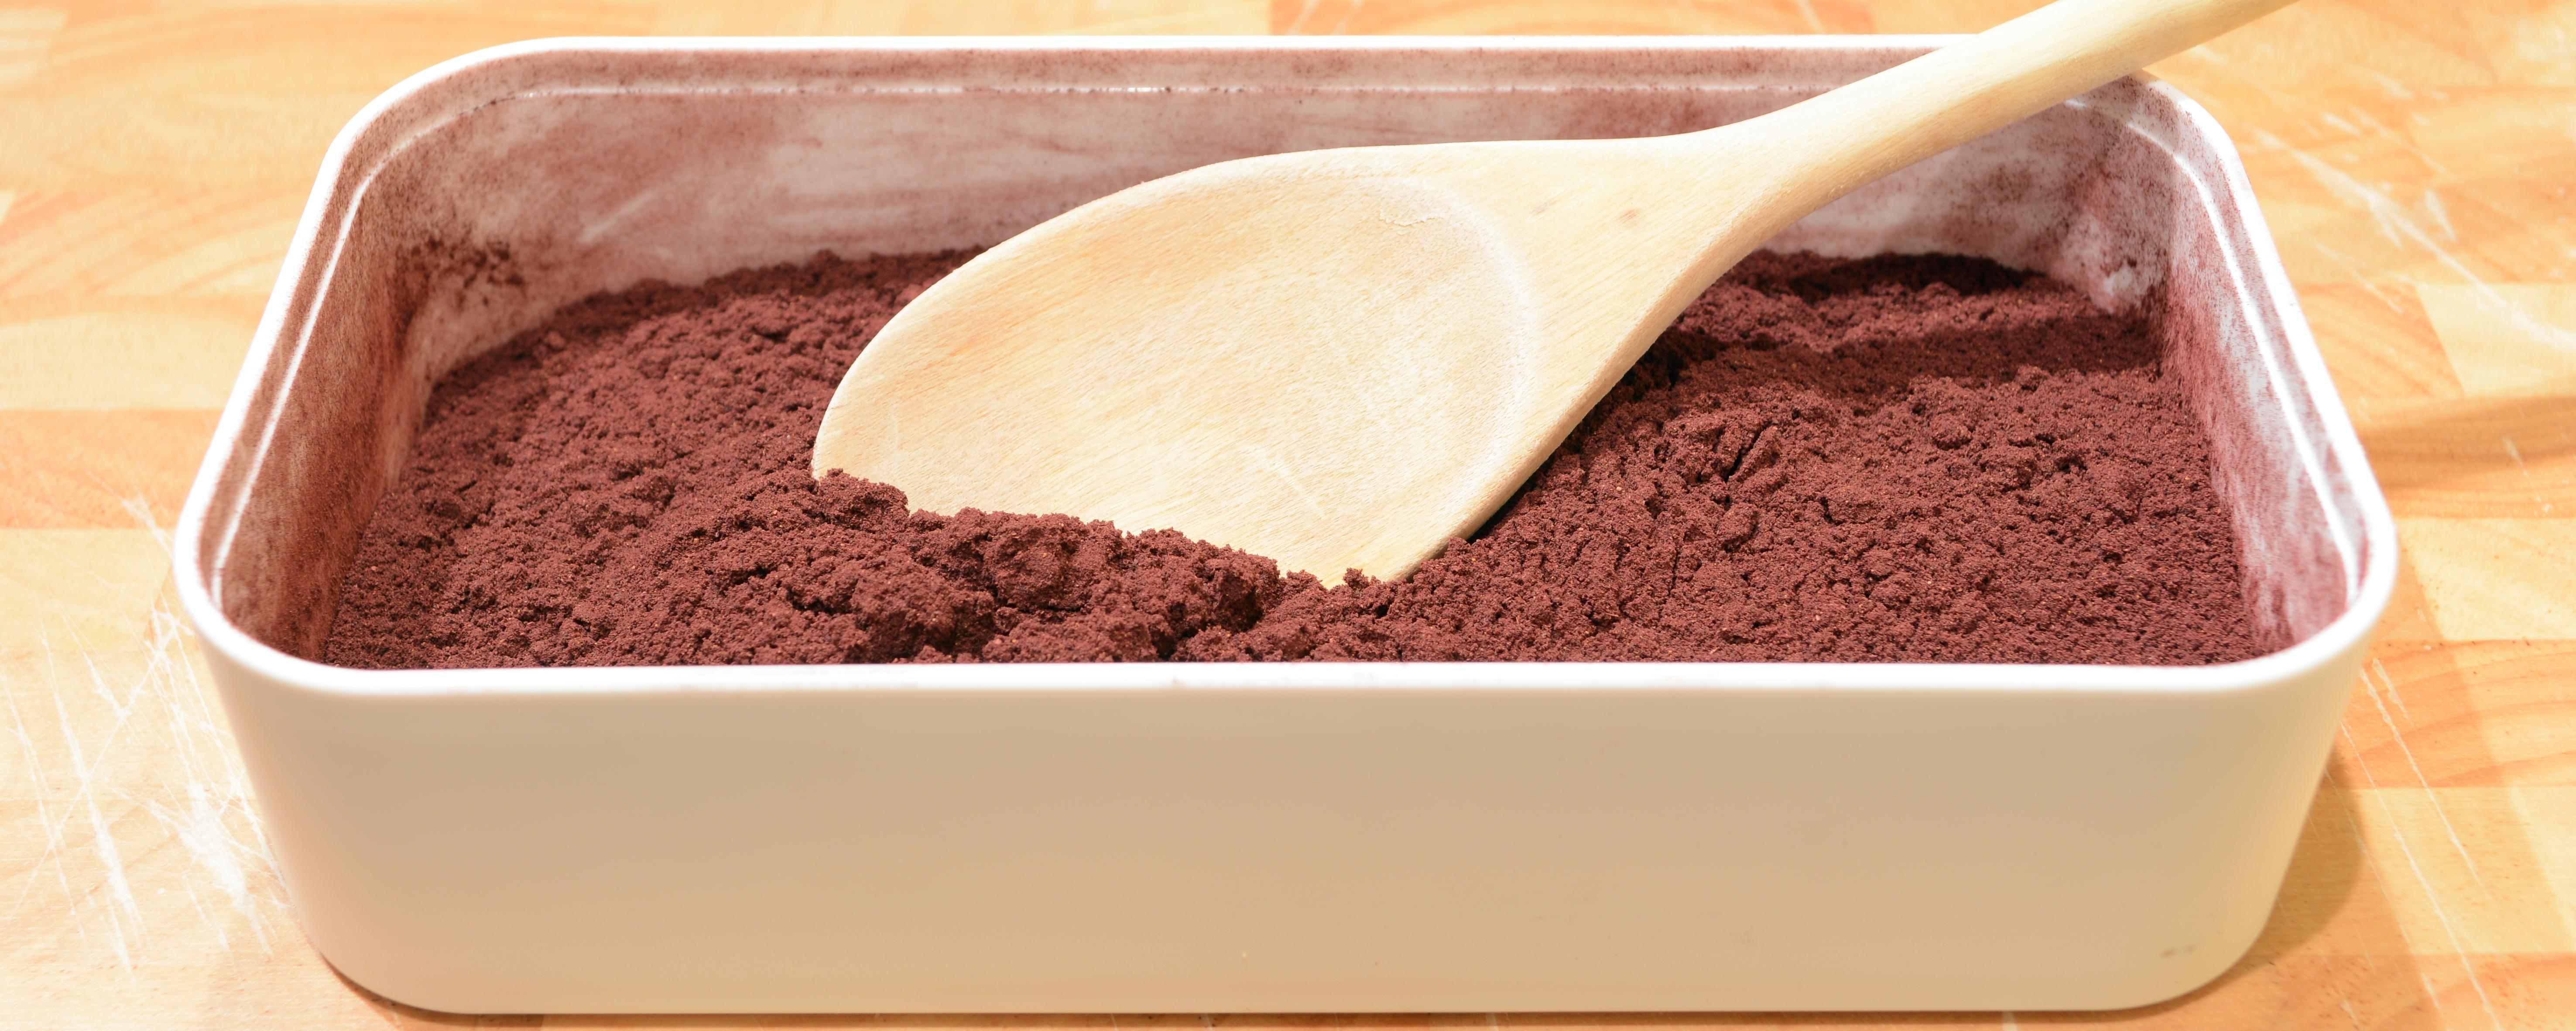 Aronia-Beeren gibt es in verschiedenen Formen zu kaufen. Hier seht ihr ein Bild von schonend getrockneten und gemahlenen Bio-Aronia-Beeren. Dieses Pulver ist ideal für als Zutat für fruchtige Smoothies geeignet.